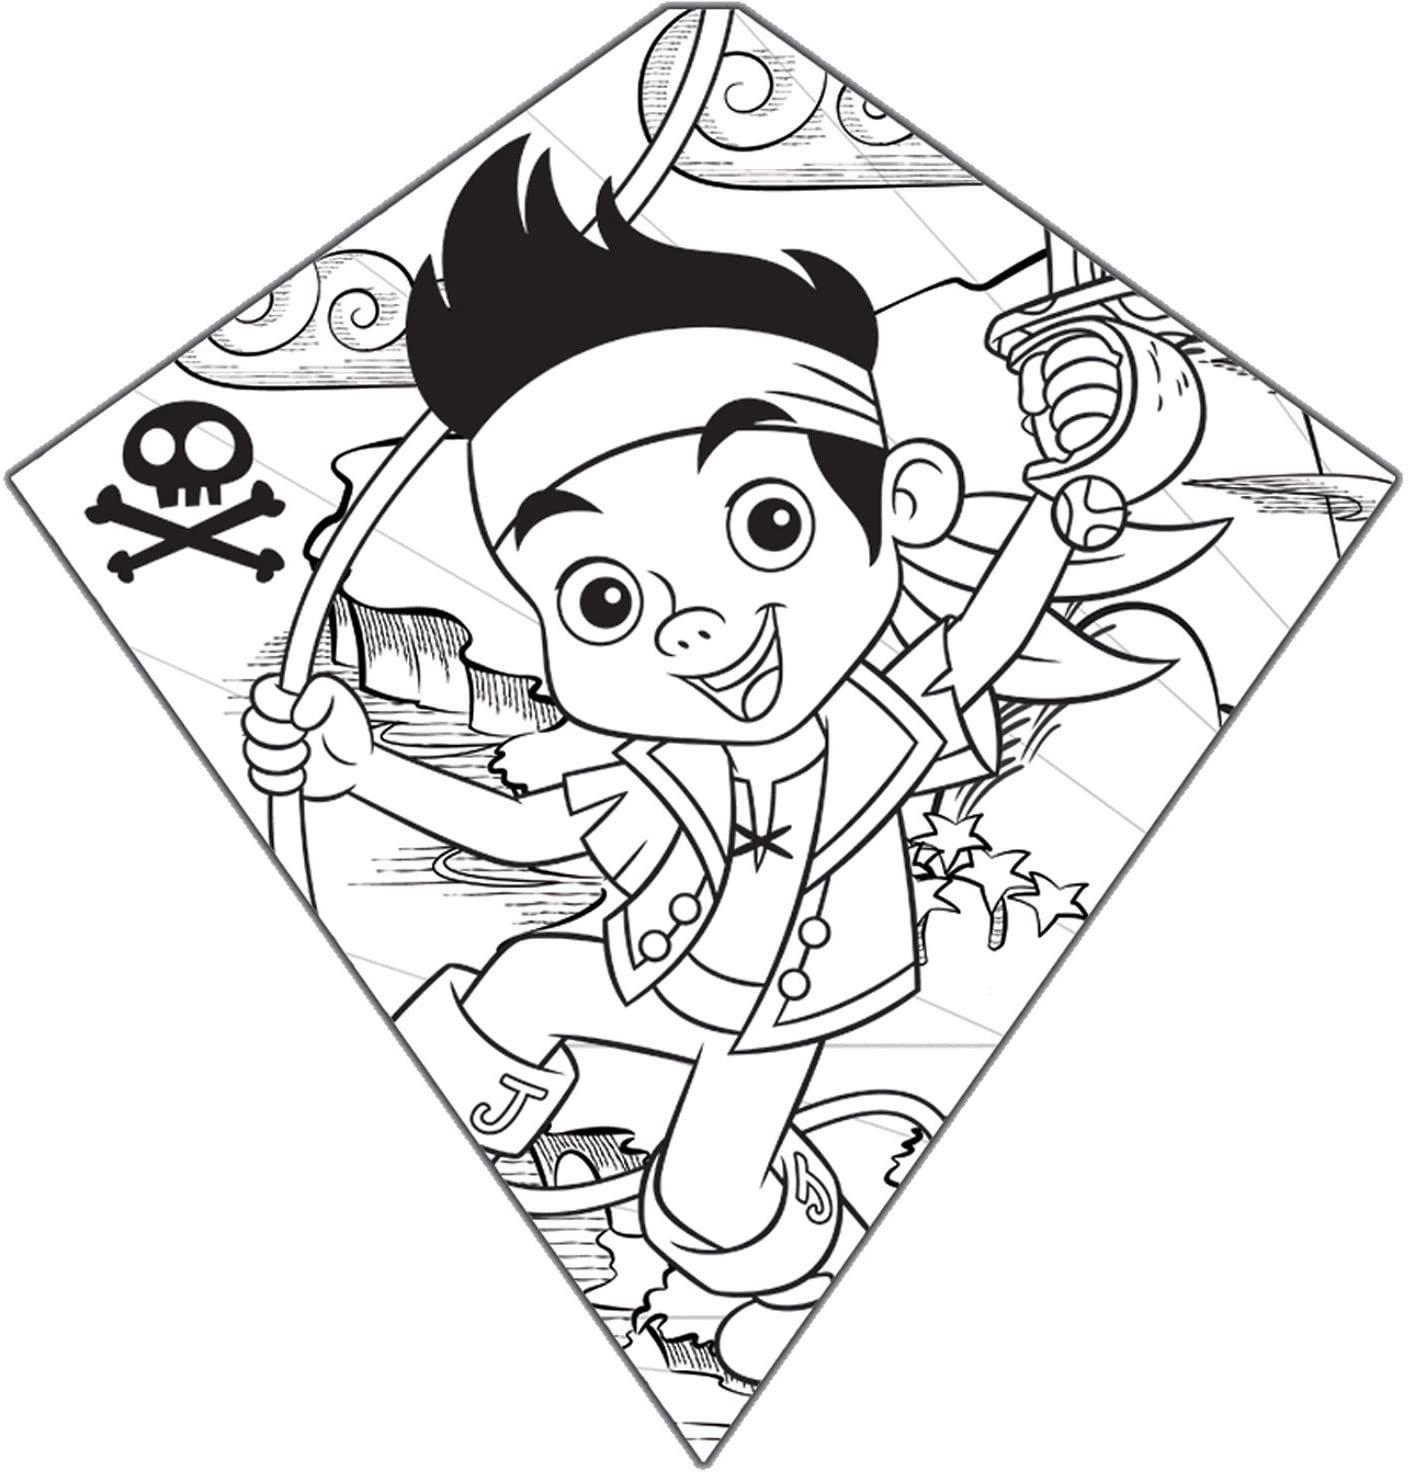 Color-Me-Kite Tyvek Diamond Kite: Jake